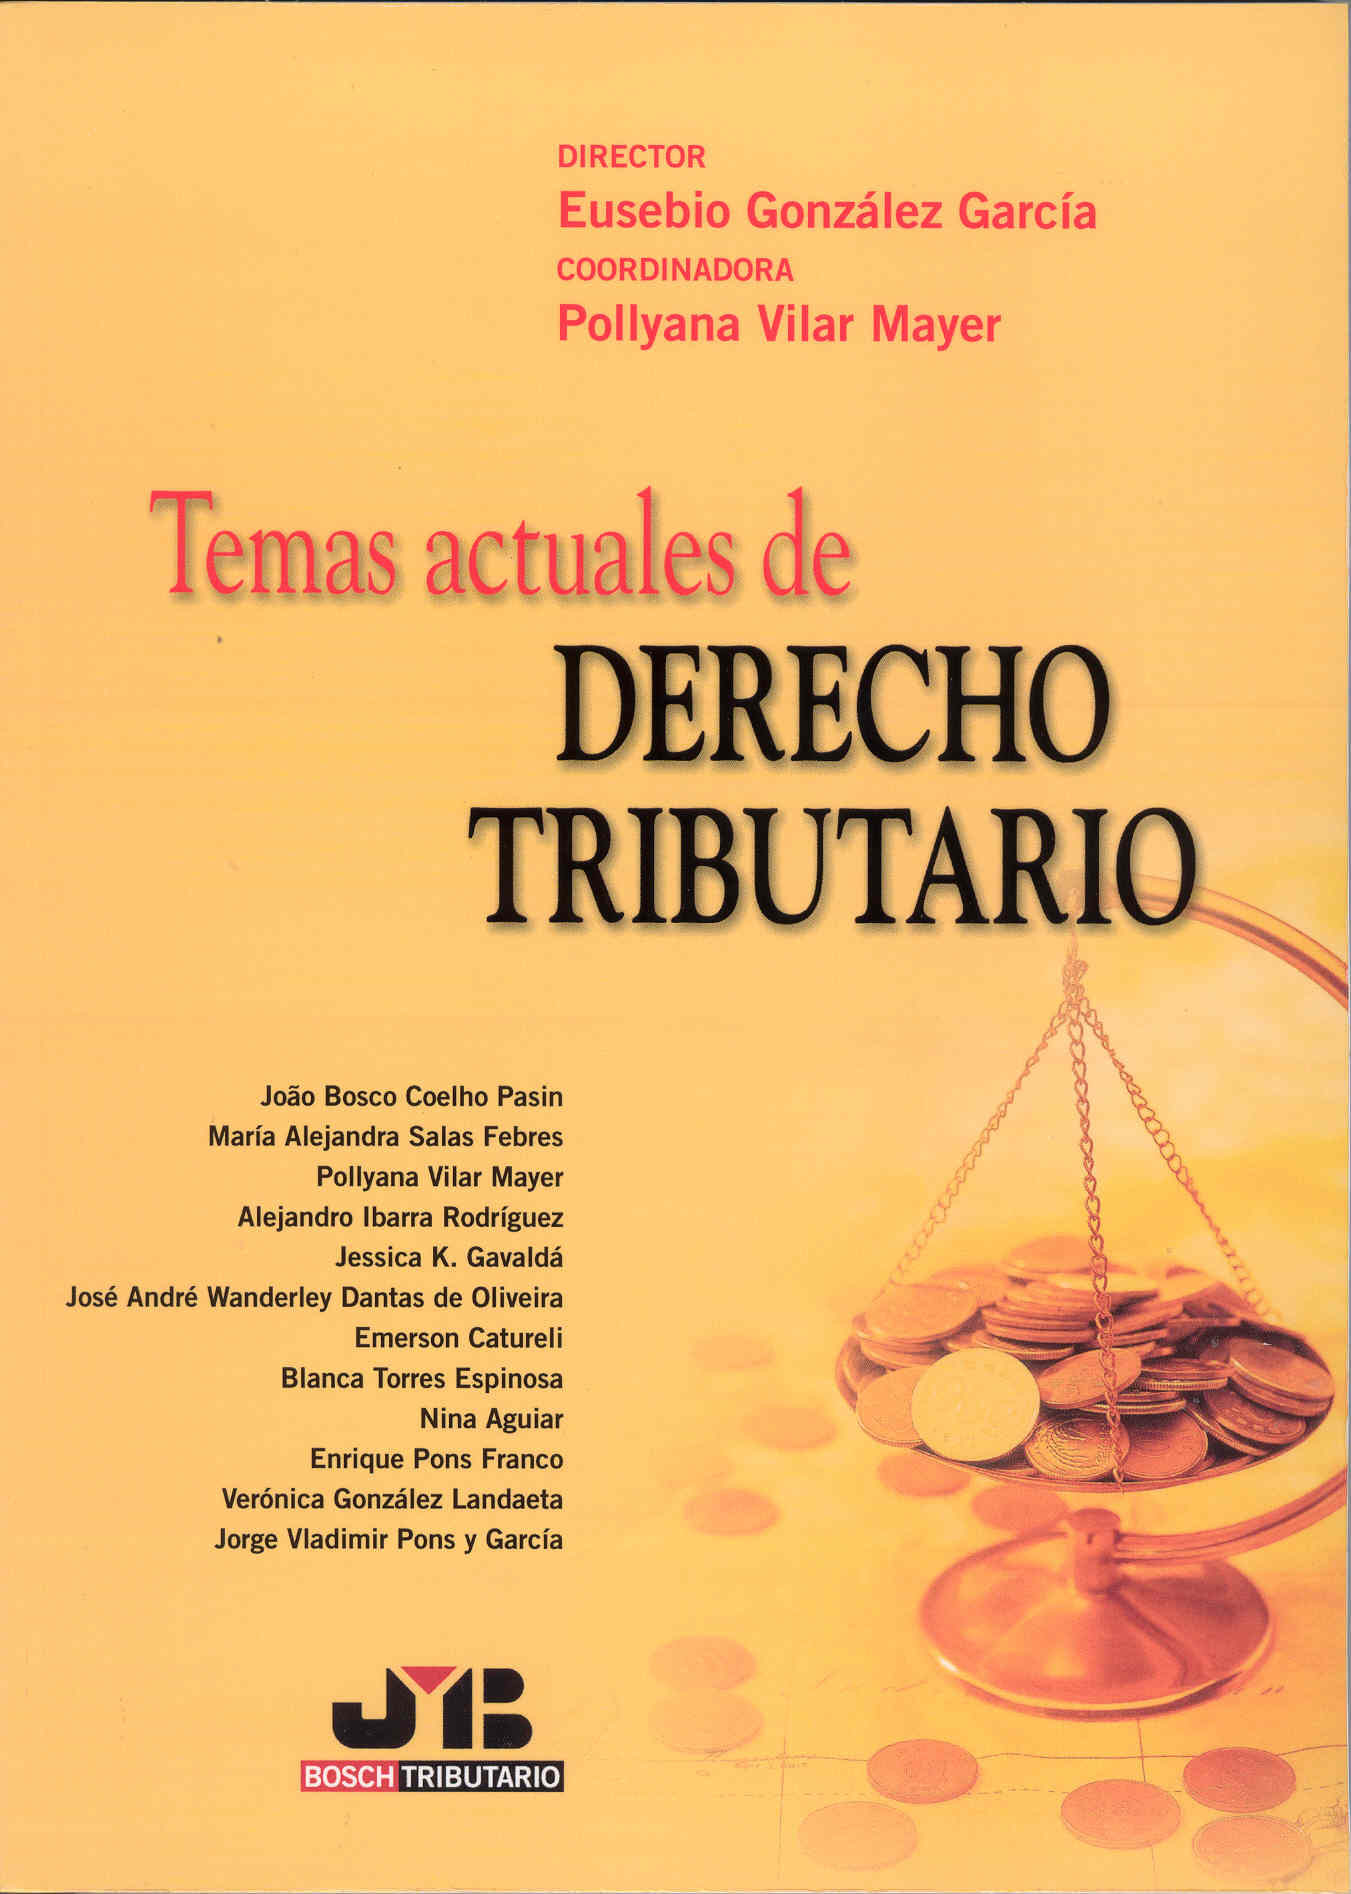 Temas Actuales De Derecho Tributario por Eusebio Gonzalez Garcia Gratis